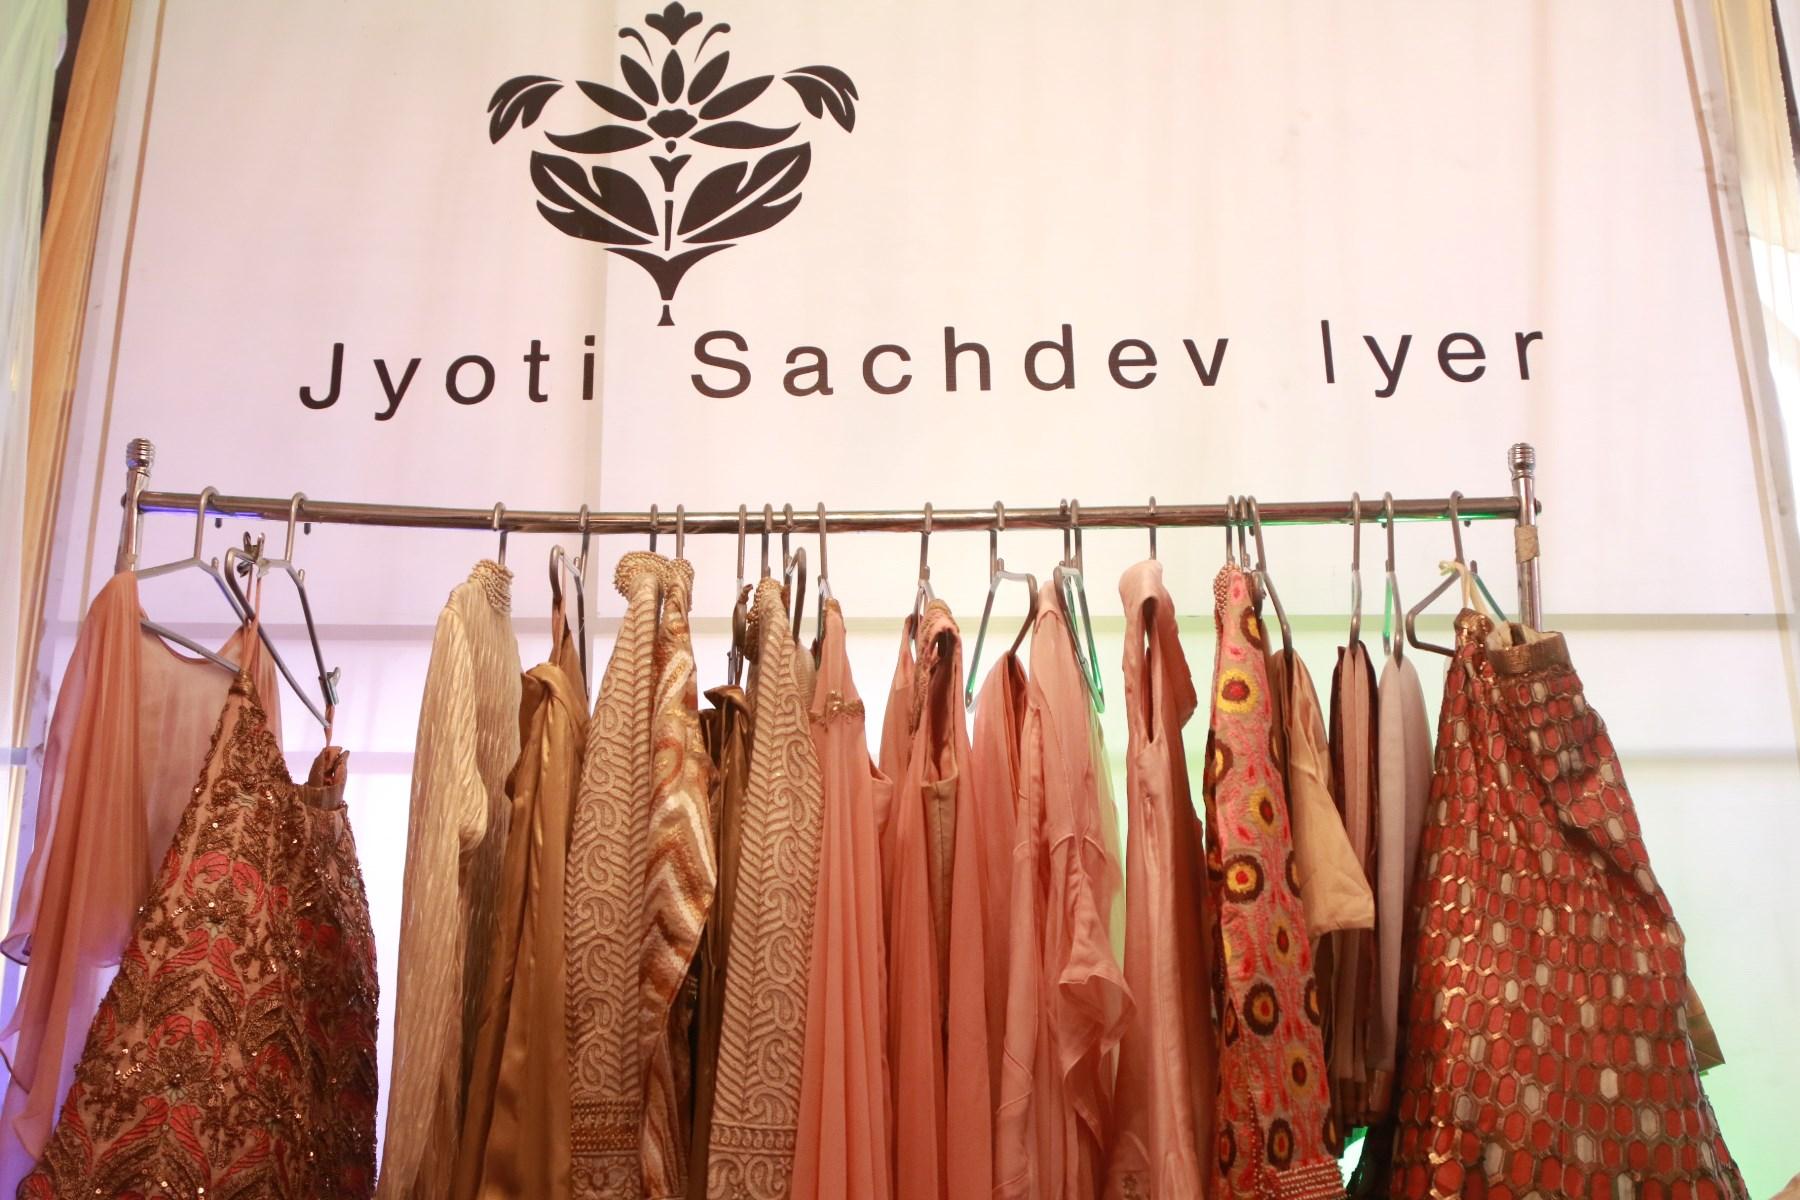 Jyoti Sachdev Iyer